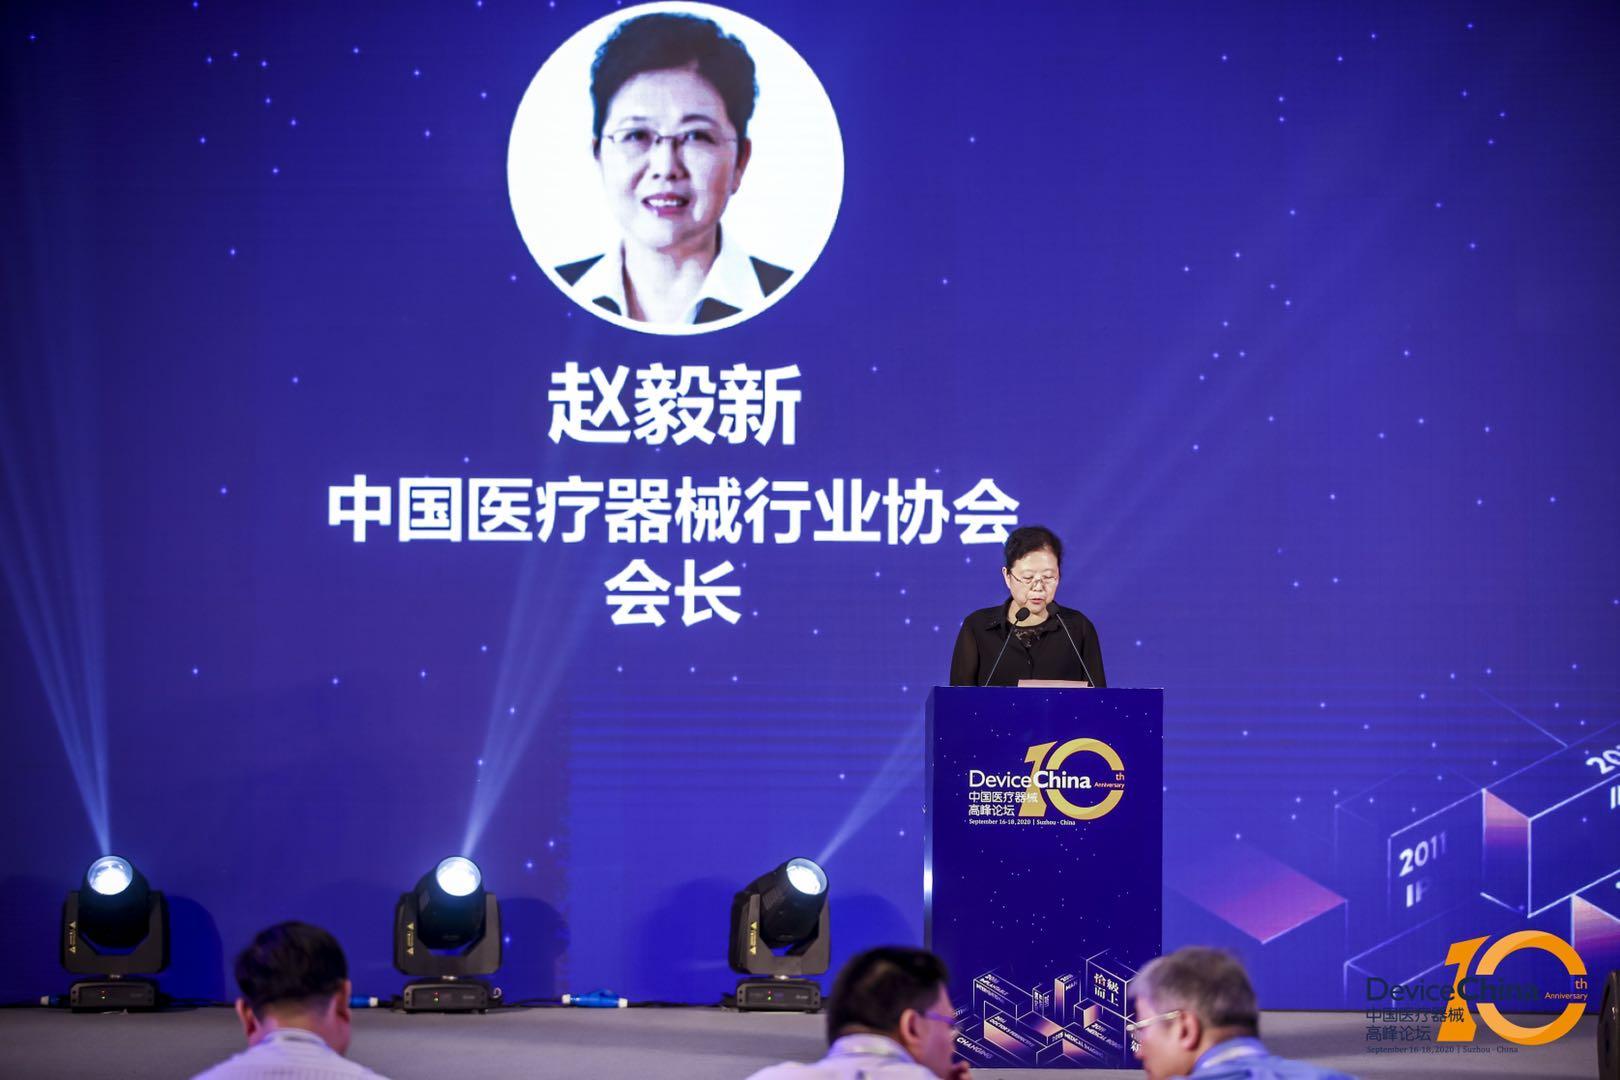 【直播DC2020】赵毅新:携手同行,共同促进医疗器械行业健康快速高质量发展